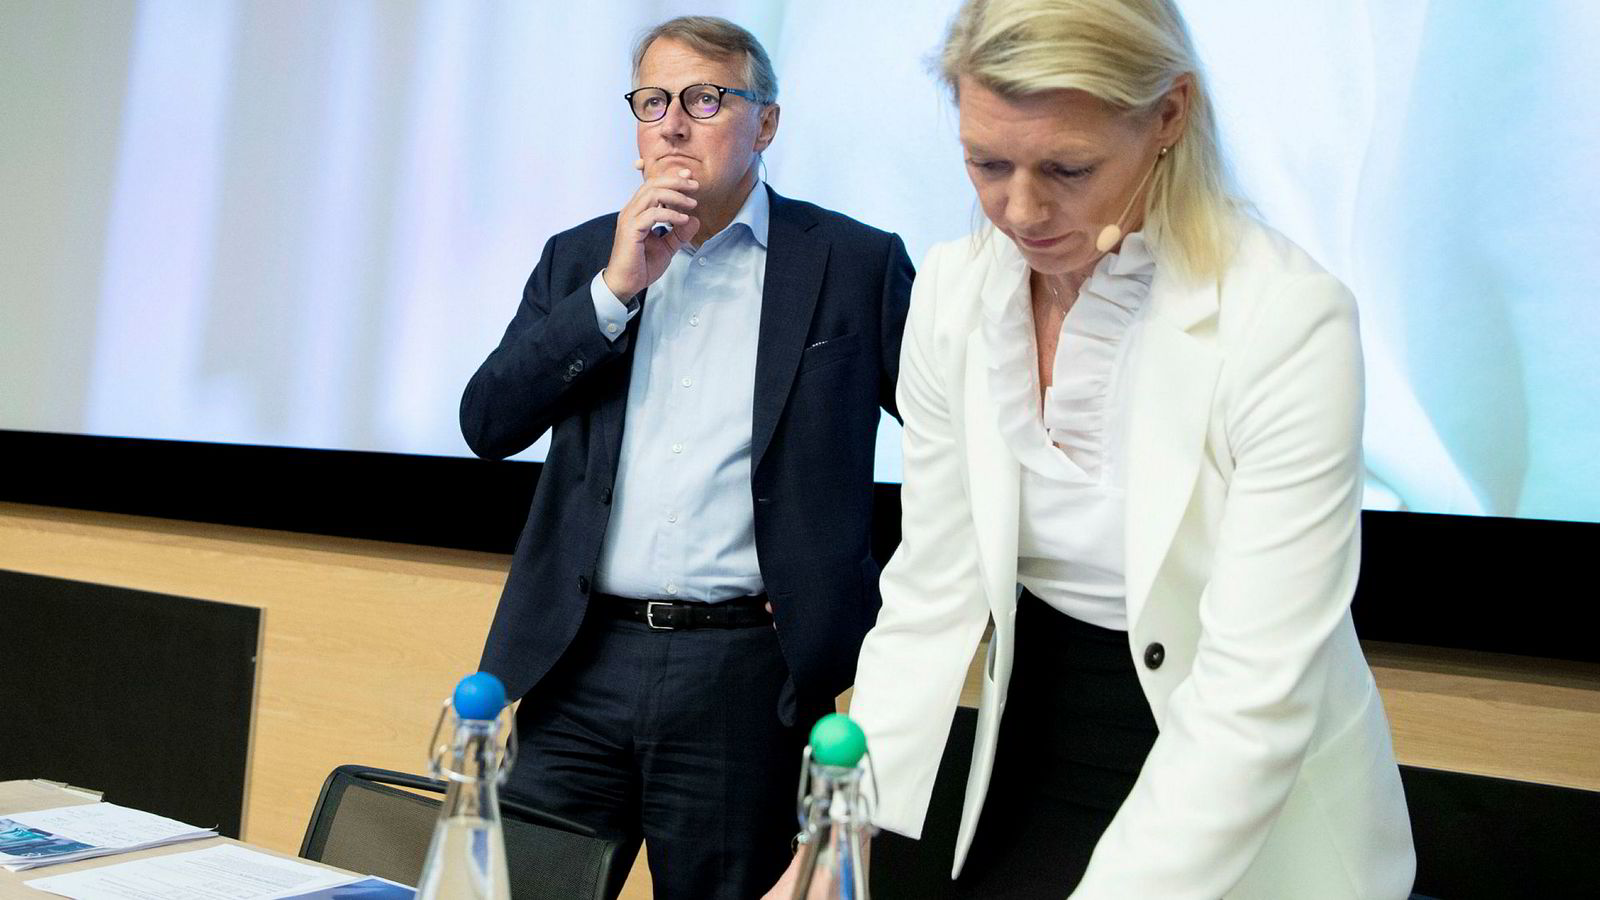 1. september sender DNB-sjef Rune Bjerke stafettpinnen videre til finansdirektør Kjerstin R. Braathen. Han leverer fra seg en bank som er mer solid enn før.